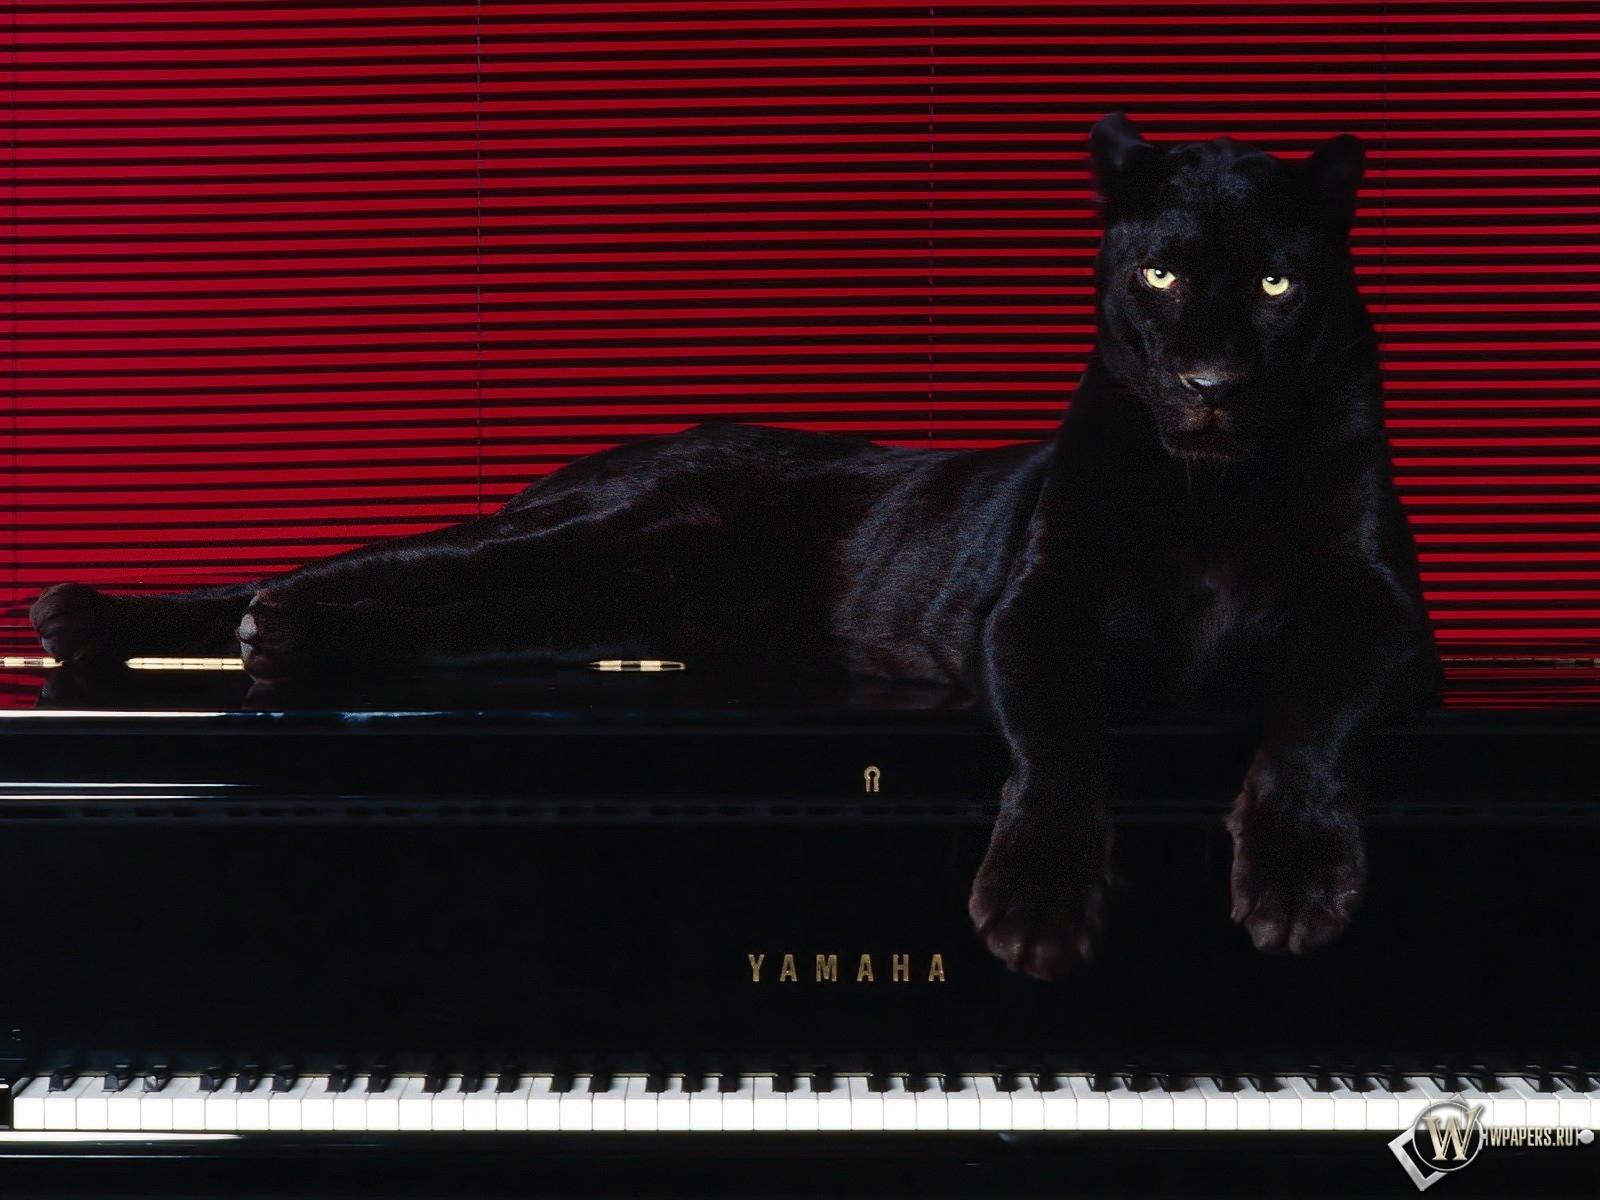 Пантера на рояле 1600x1200